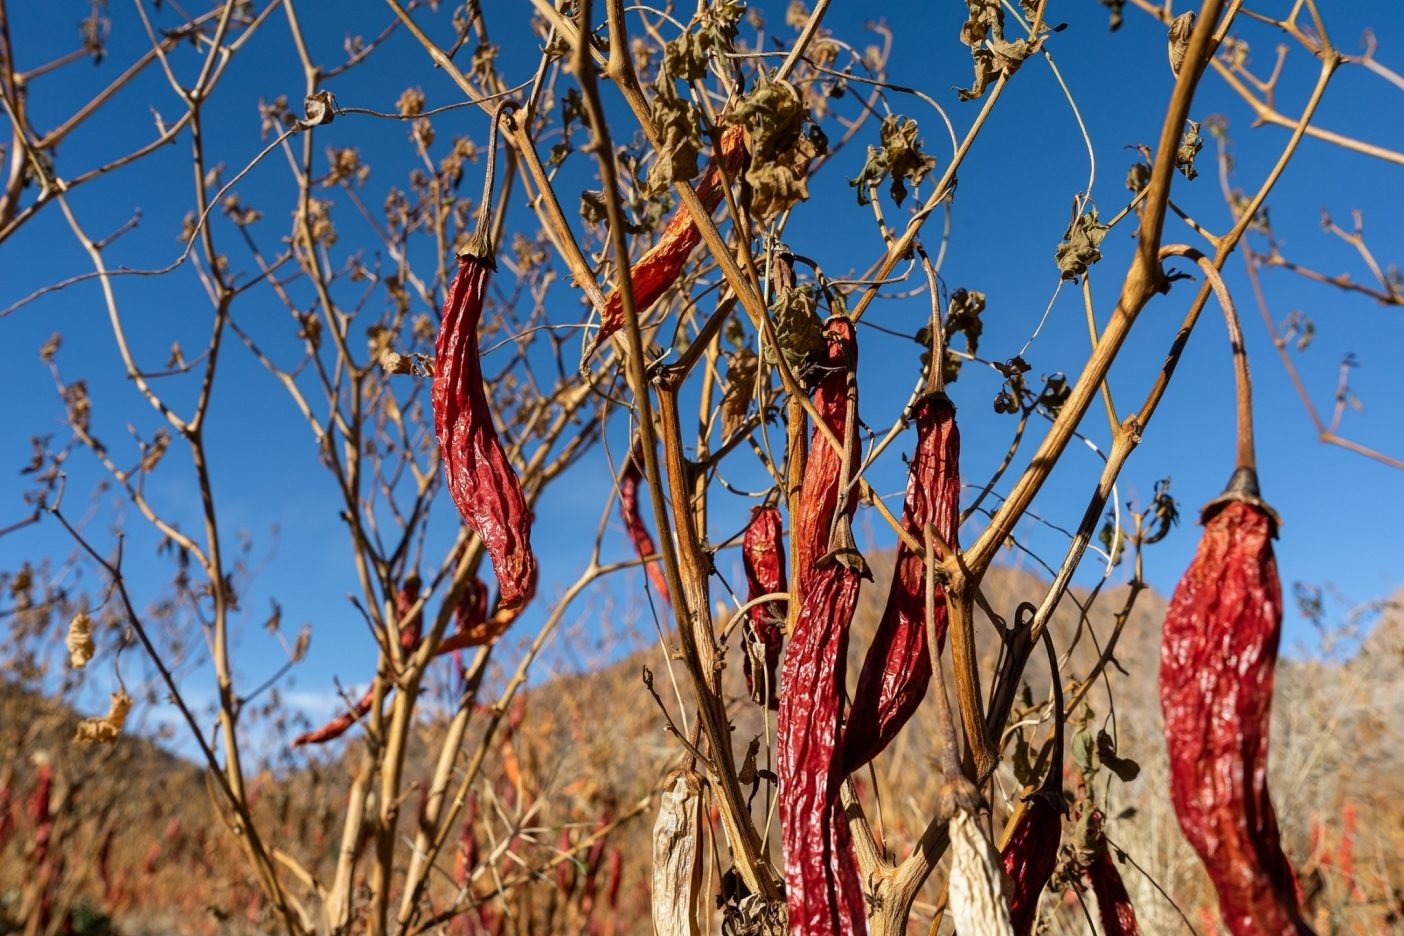 アルゼンチンのサルタ州の山々の高地で採取された唐辛子は、トラックで〈モリノ・セリヨス〉の工場へと運ばれ、そこで粉砕され、蒸して殺菌される。Photo : Galen McCleary